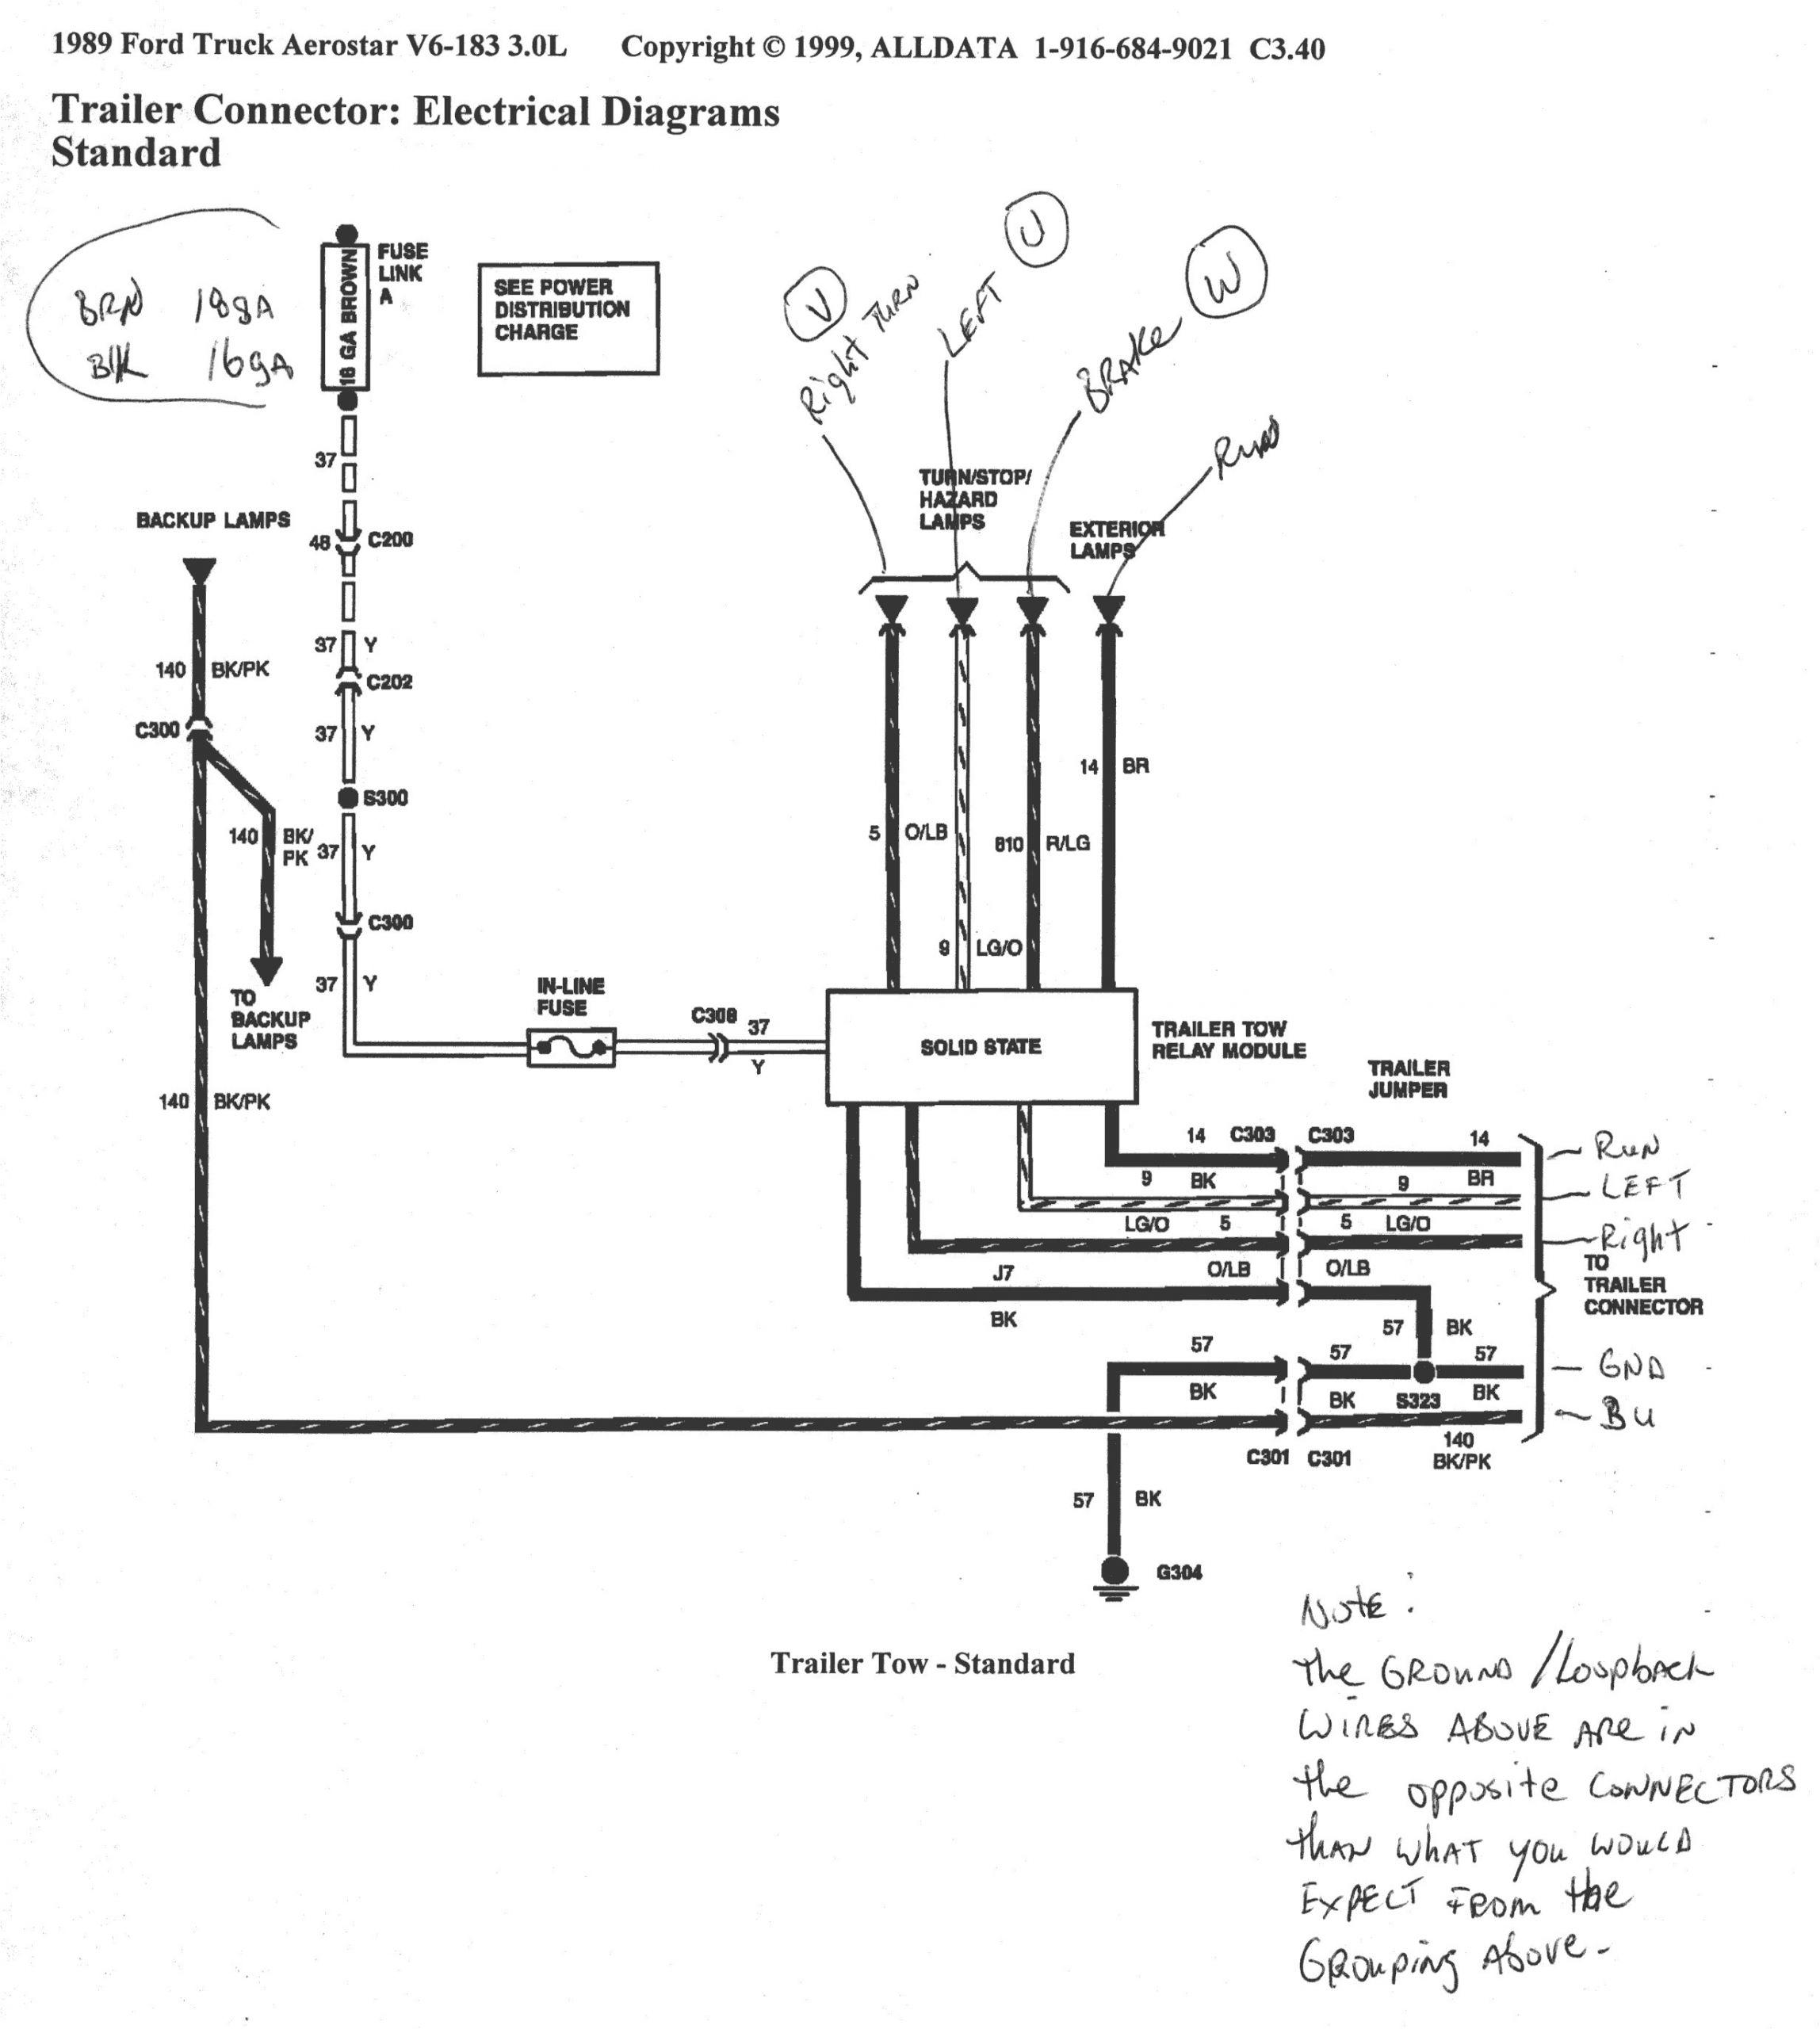 2001 ford f250 super duty wiring diagram fresh 2006 ford f 250 2006 ford f350 trailer wiring diagram jpg